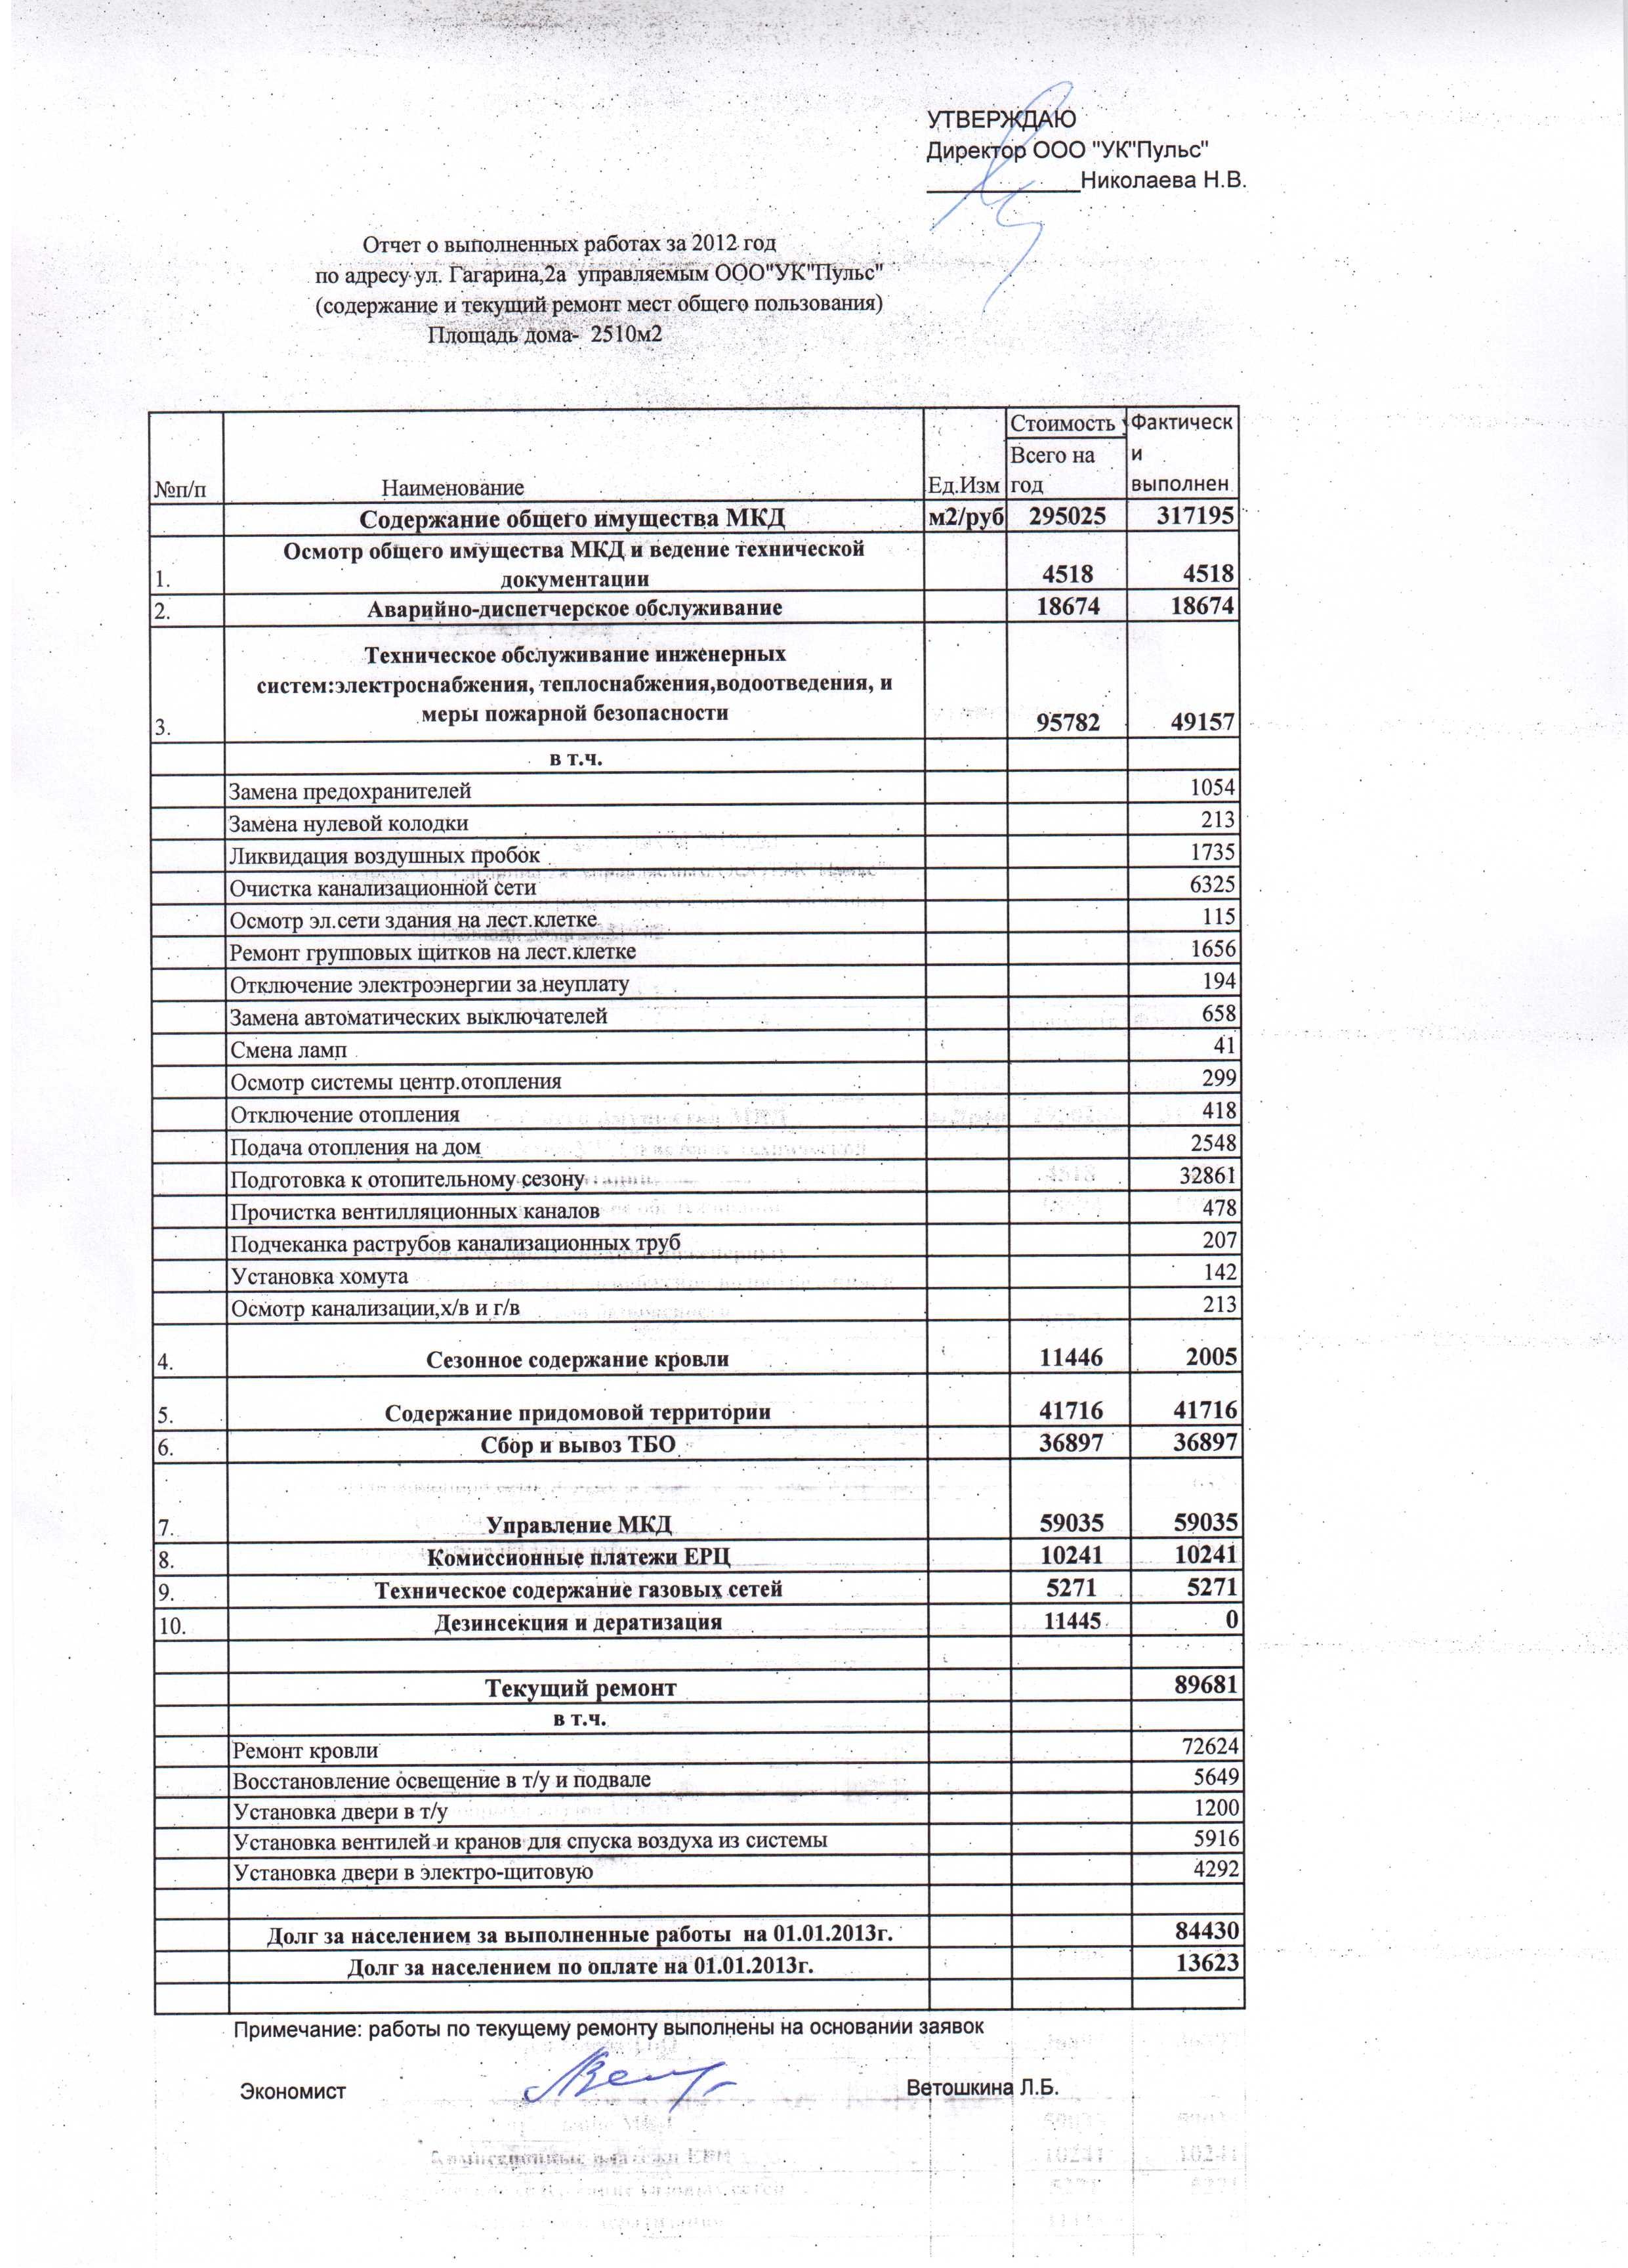 также поминки какие отчеты сдают жск доставки: